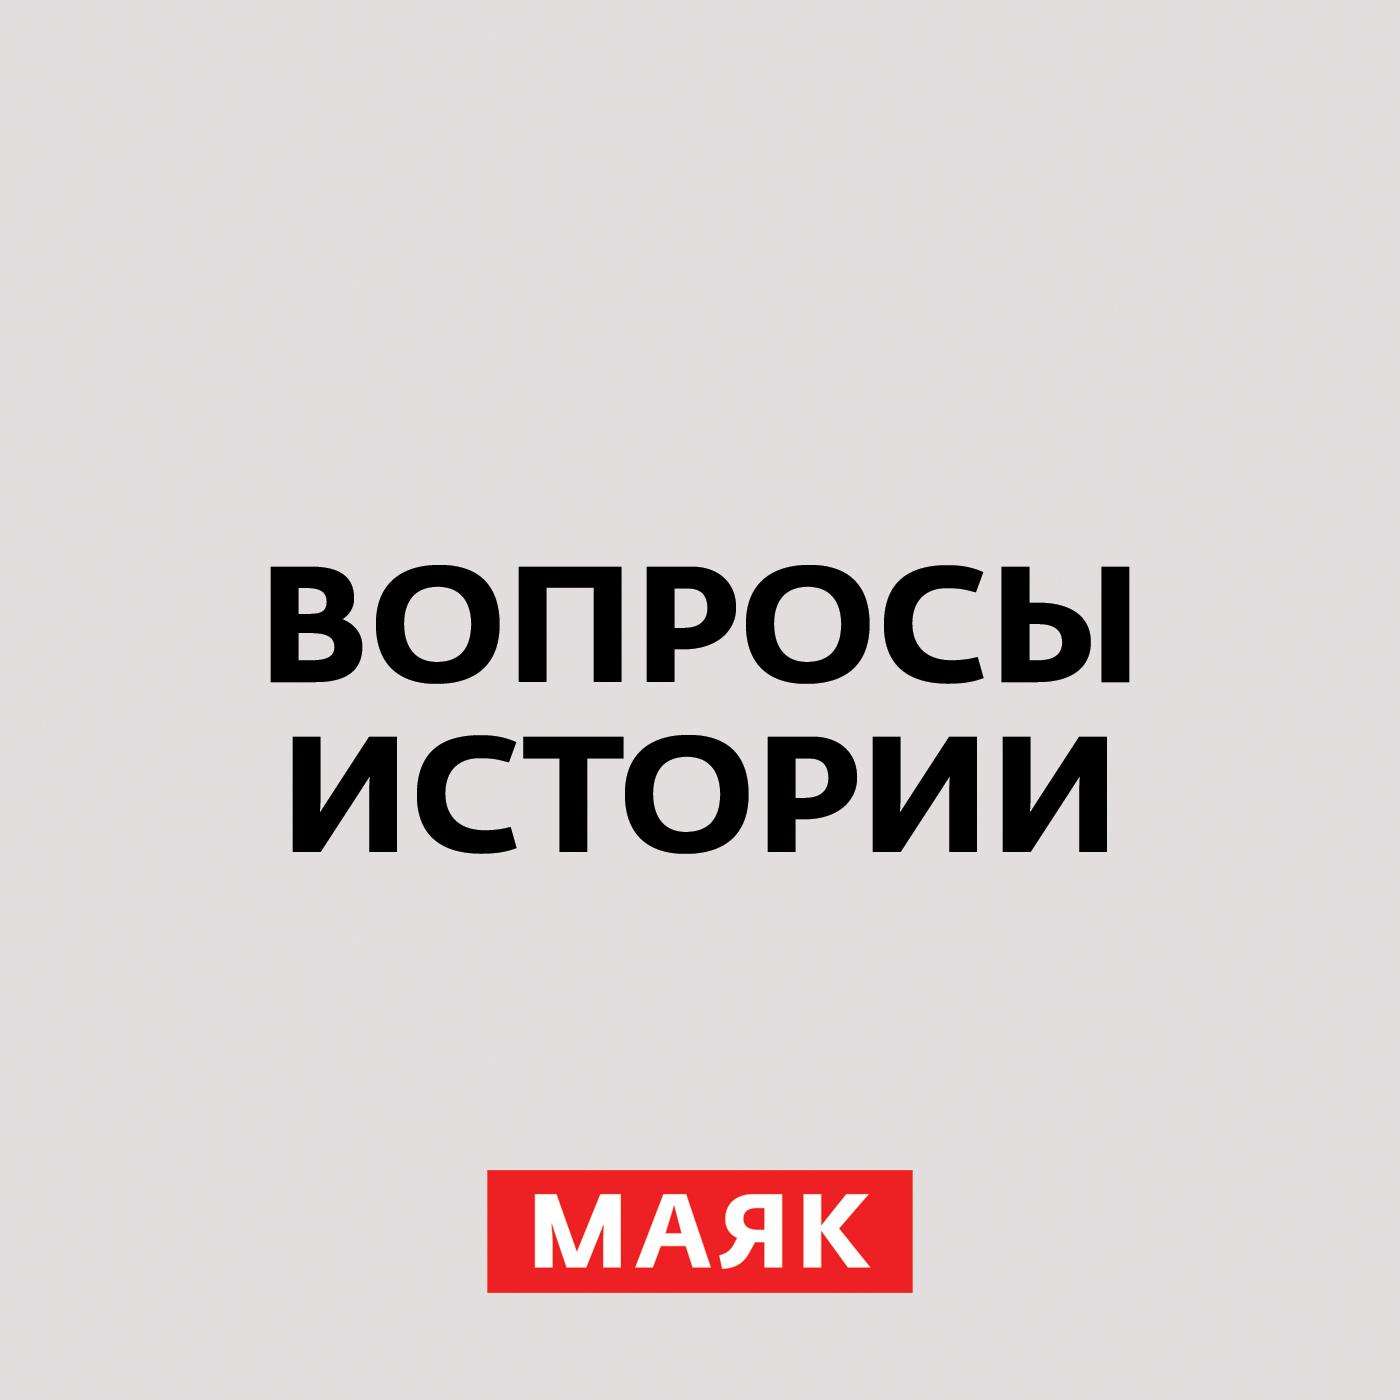 Андрей Светенко Мазепа связывал интересы Украины с Россией